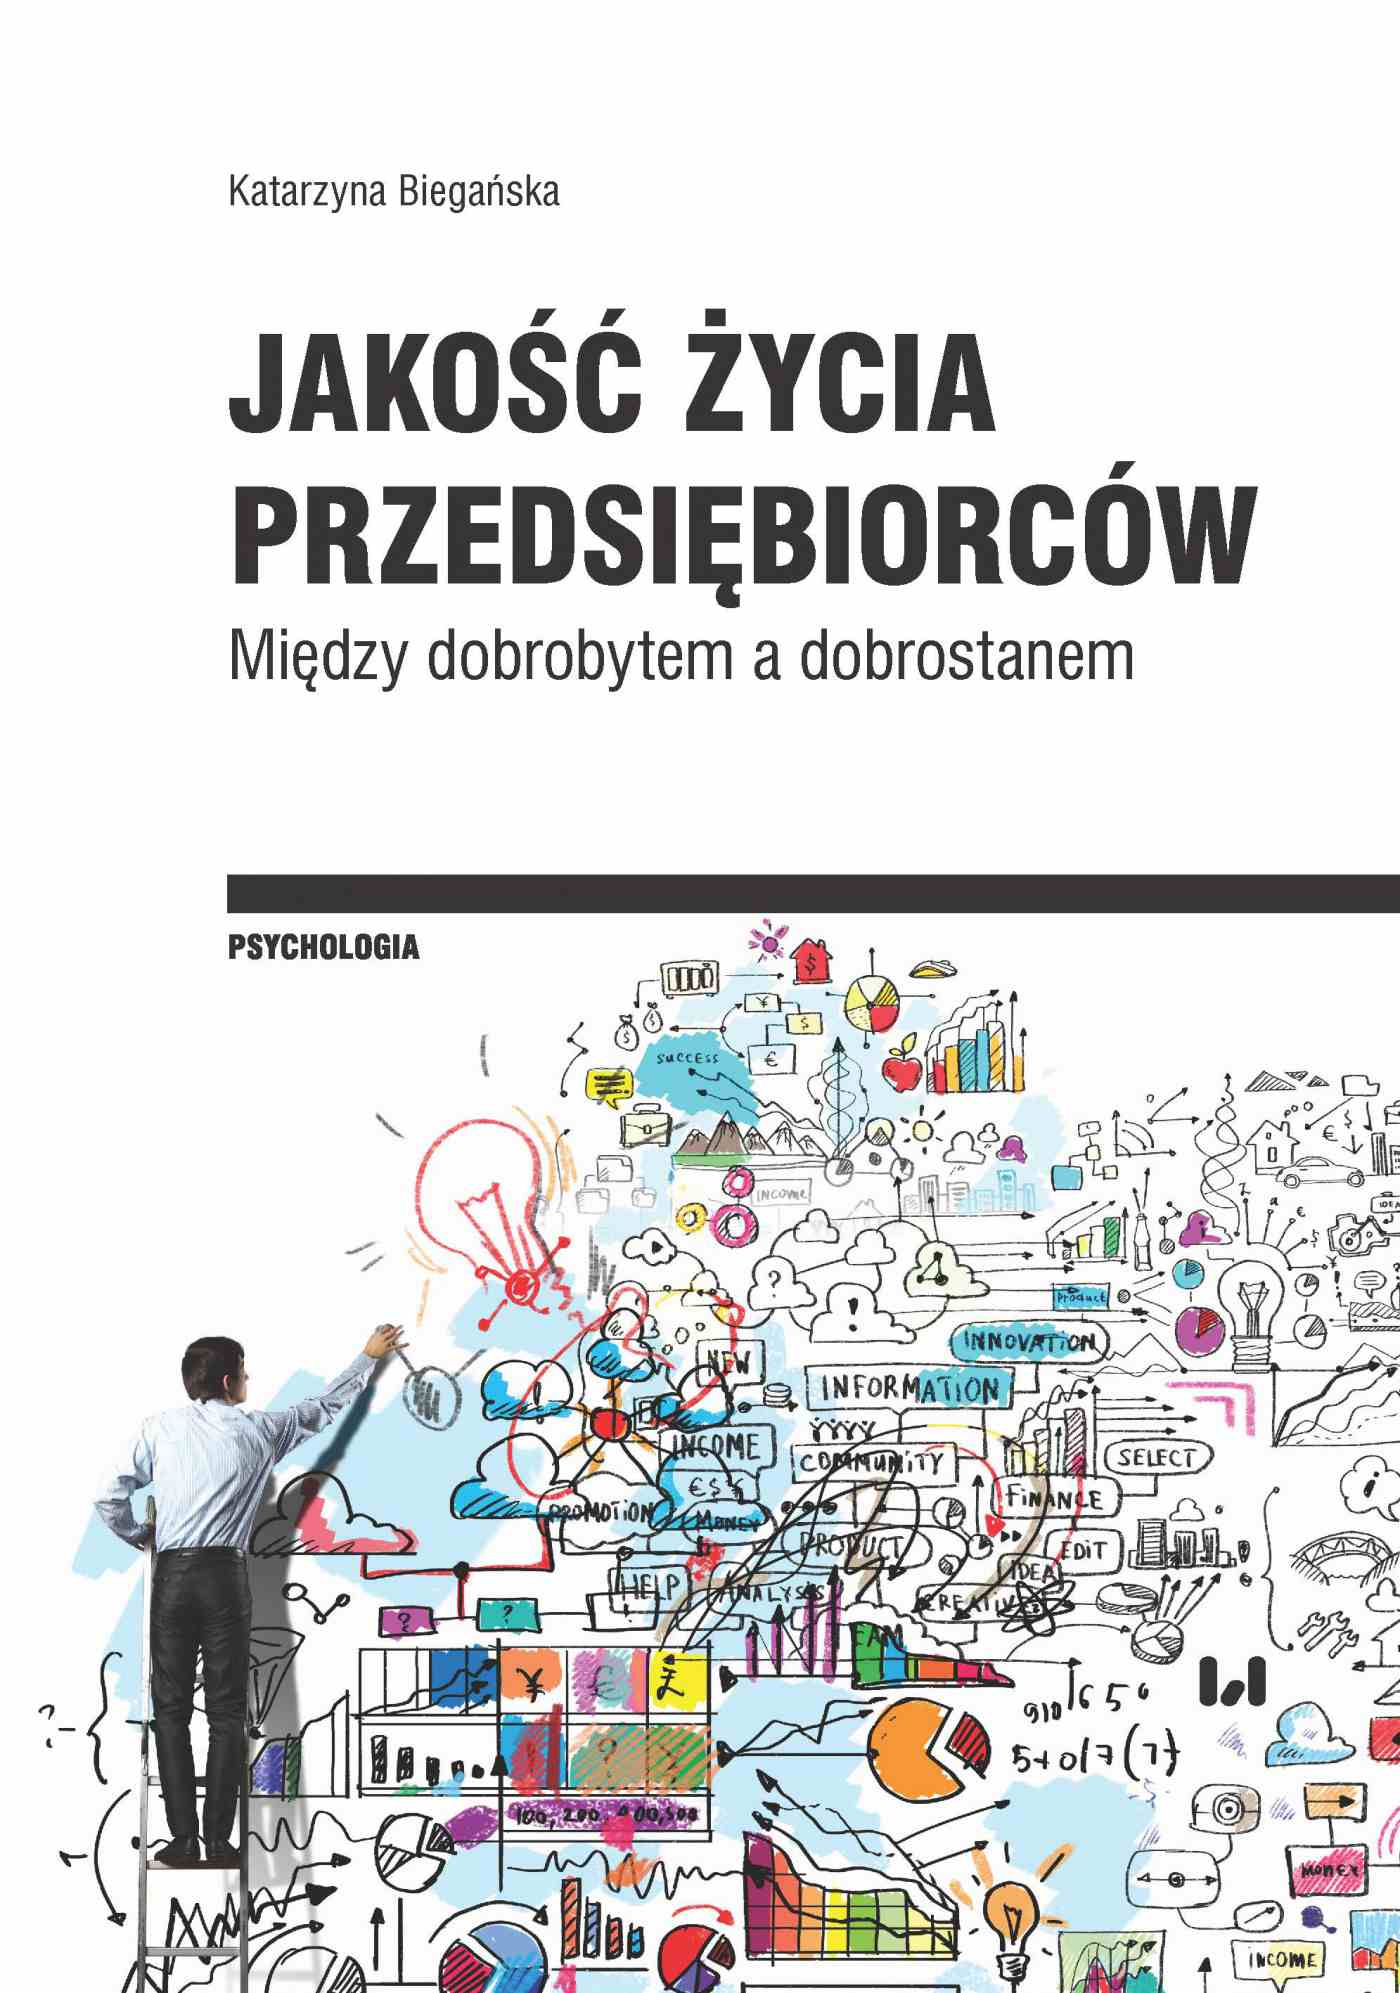 Jakość życia przedsiębiorców. Między dobrobytem a dobrostanem - Ebook (Książka PDF) do pobrania w formacie PDF